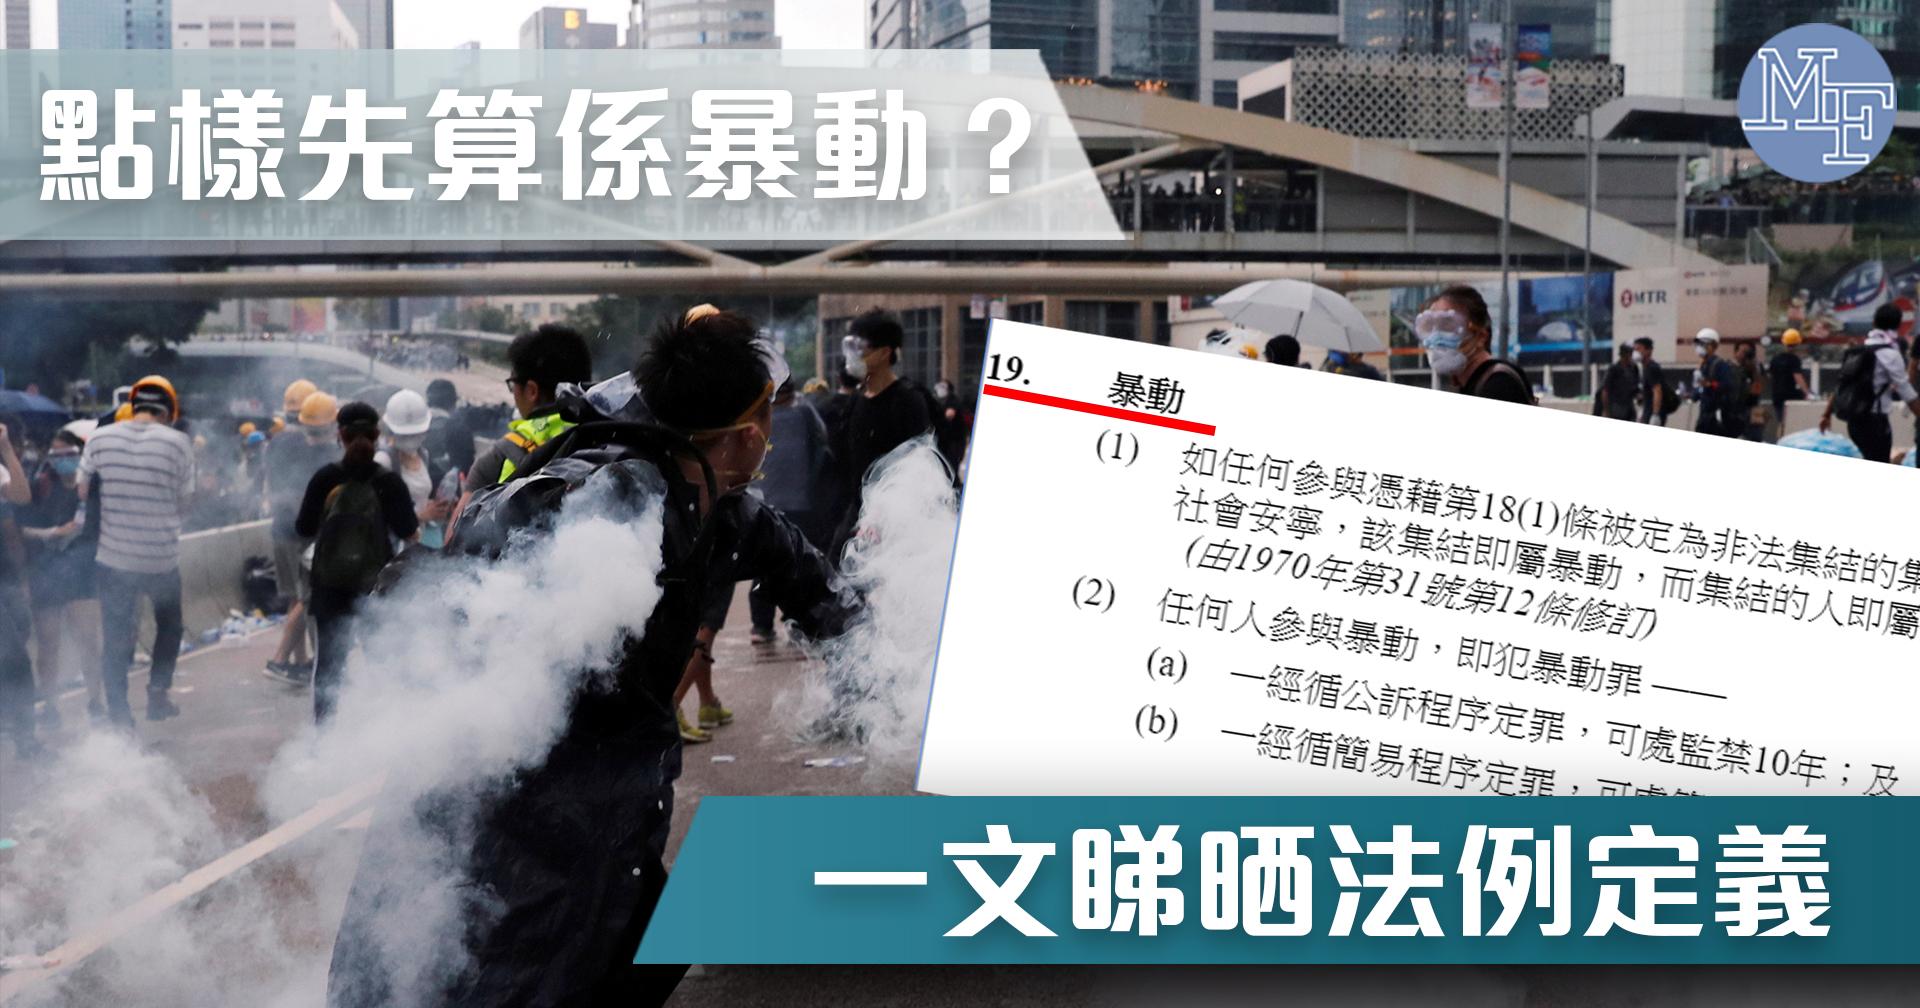 【逃犯條例】「暴動」、「非法集結」、「遊盪」?一文睇晒相關法例定義